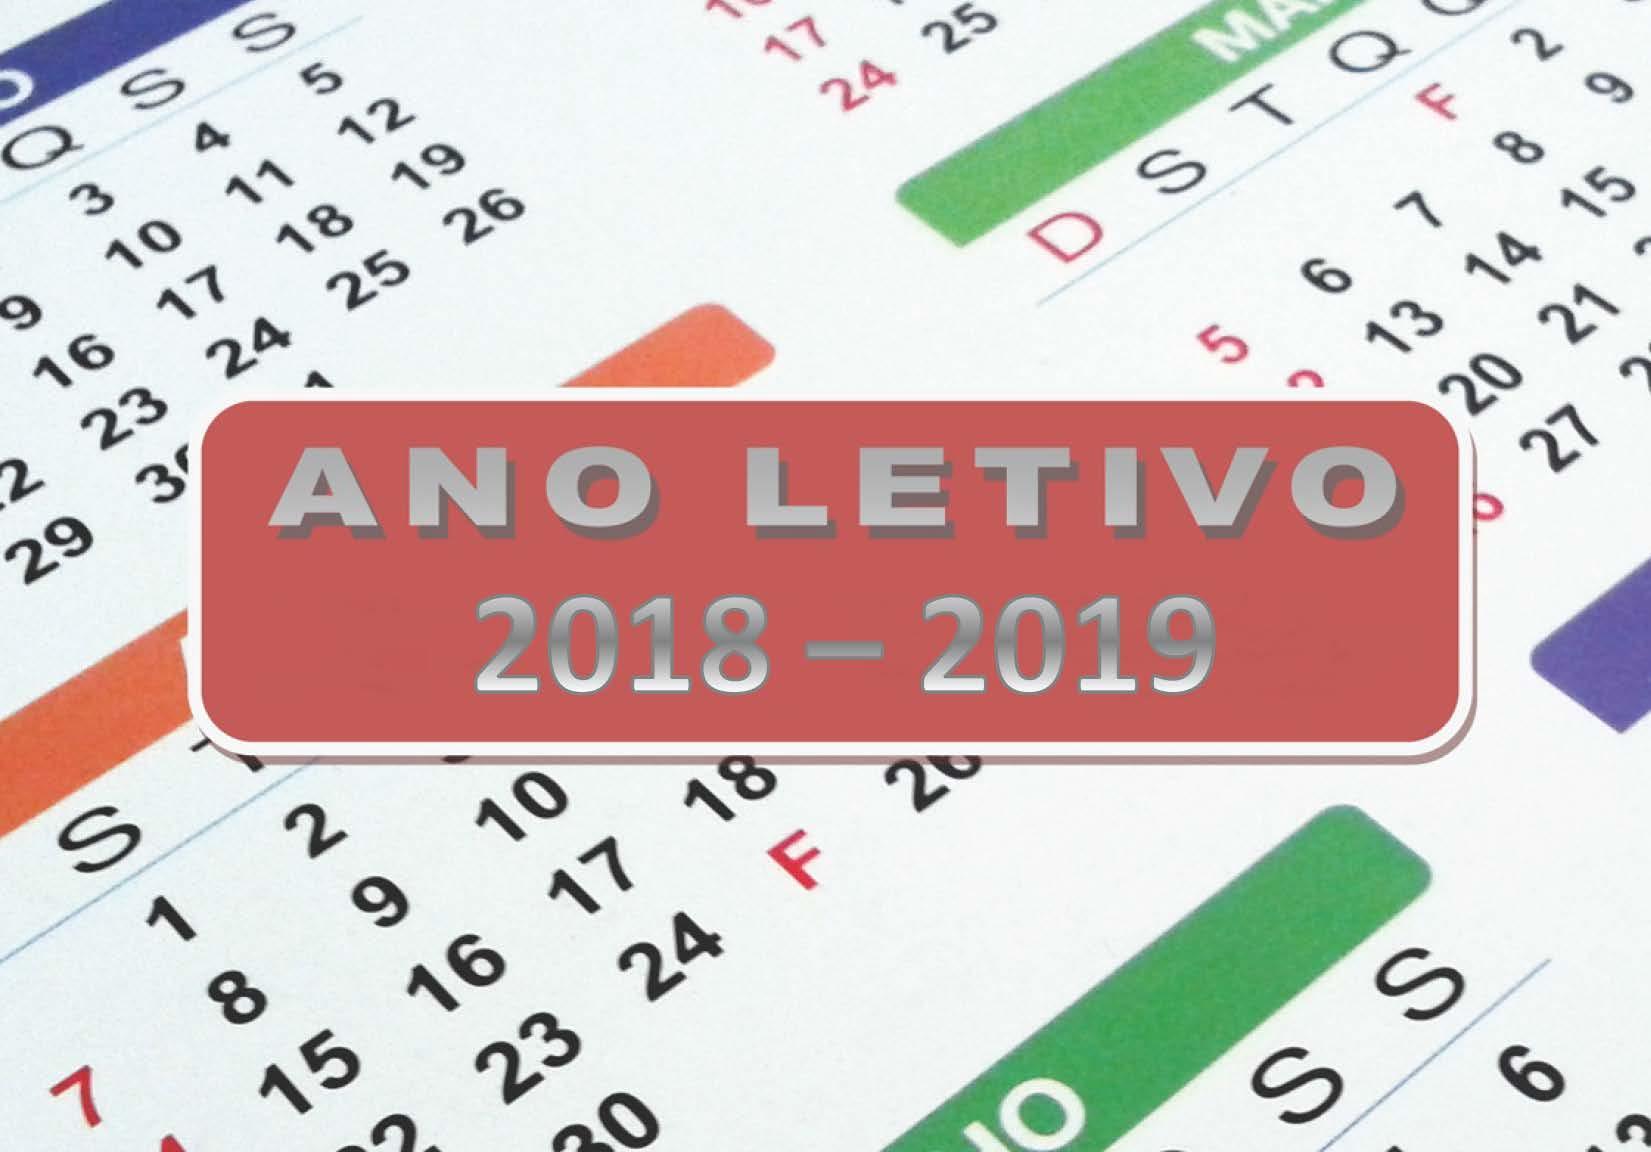 Calendário Escolar 2018 / 2019